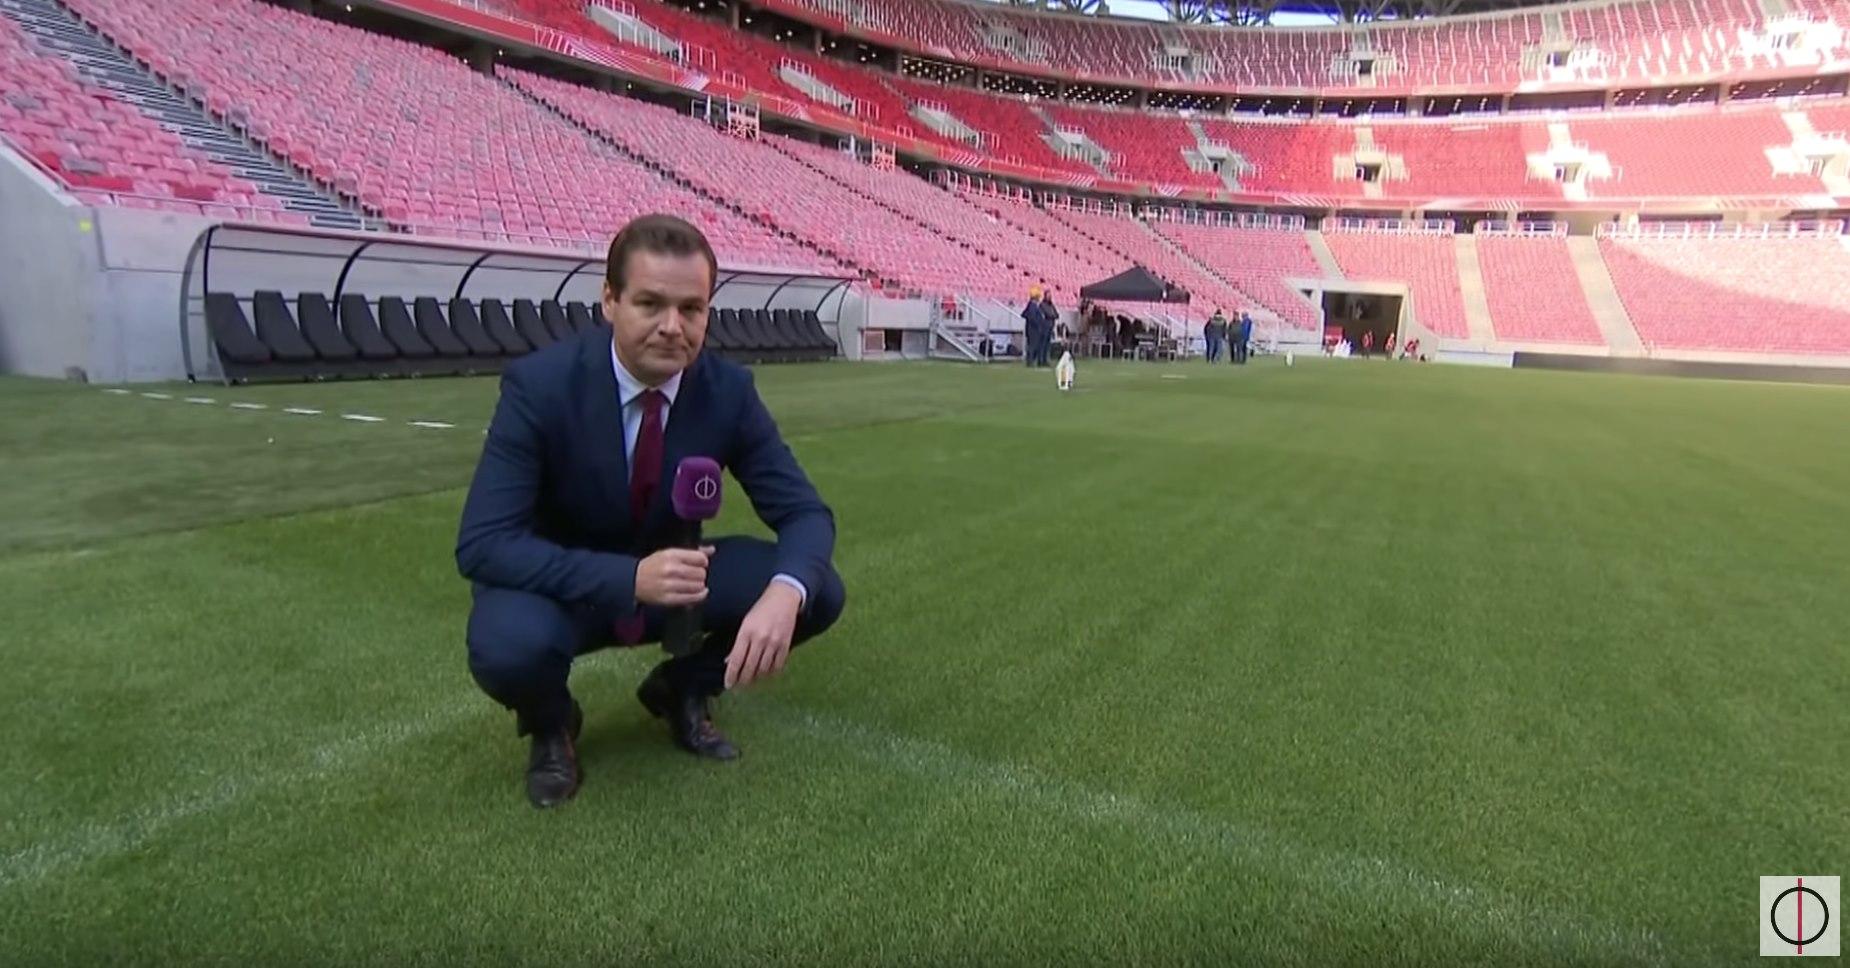 Esküvőket is lehet majd tartani futballnemzetünk templomában, az új Puskás Stadionban